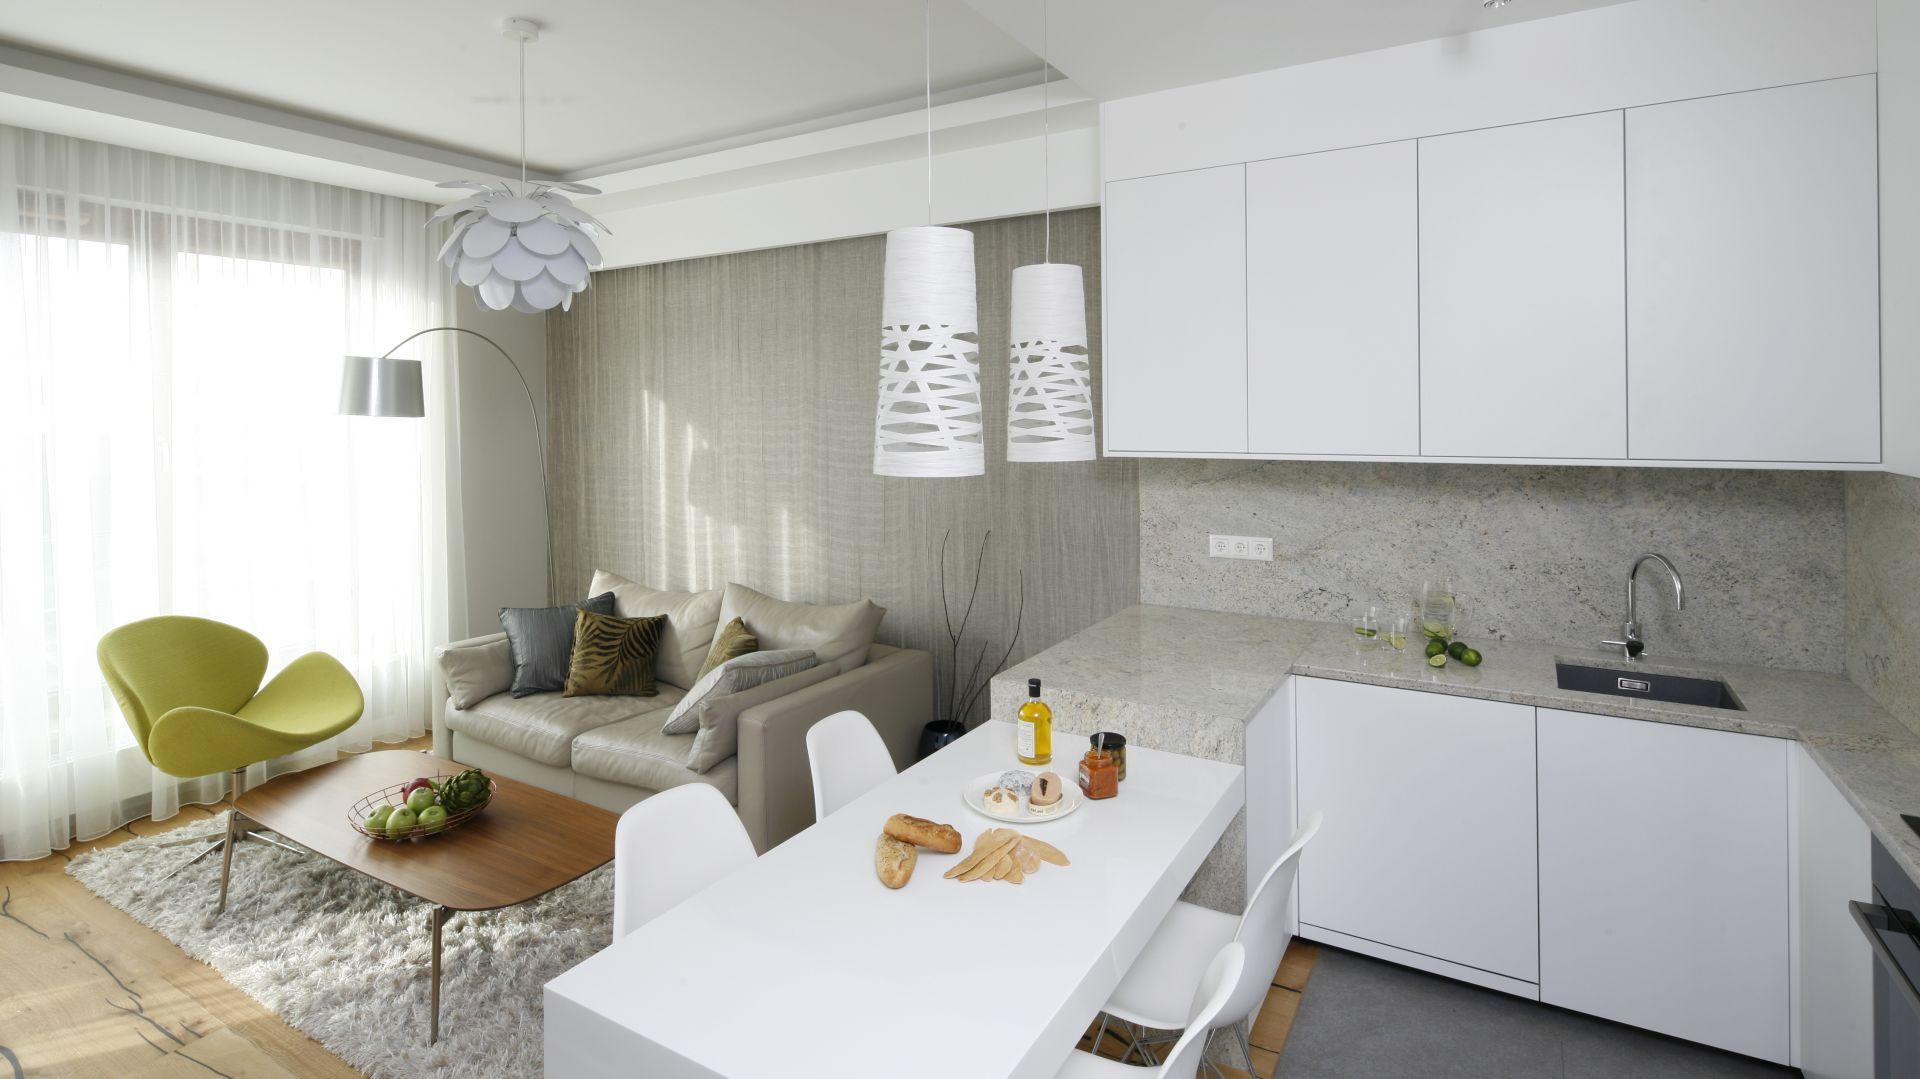 Zlokalizowany nad morzem apartament urzeka czystą, lekką formą aranżacji. Projekt: Agnieszka Hajdas-Obajtek. Fot. Bartosz Jarosz